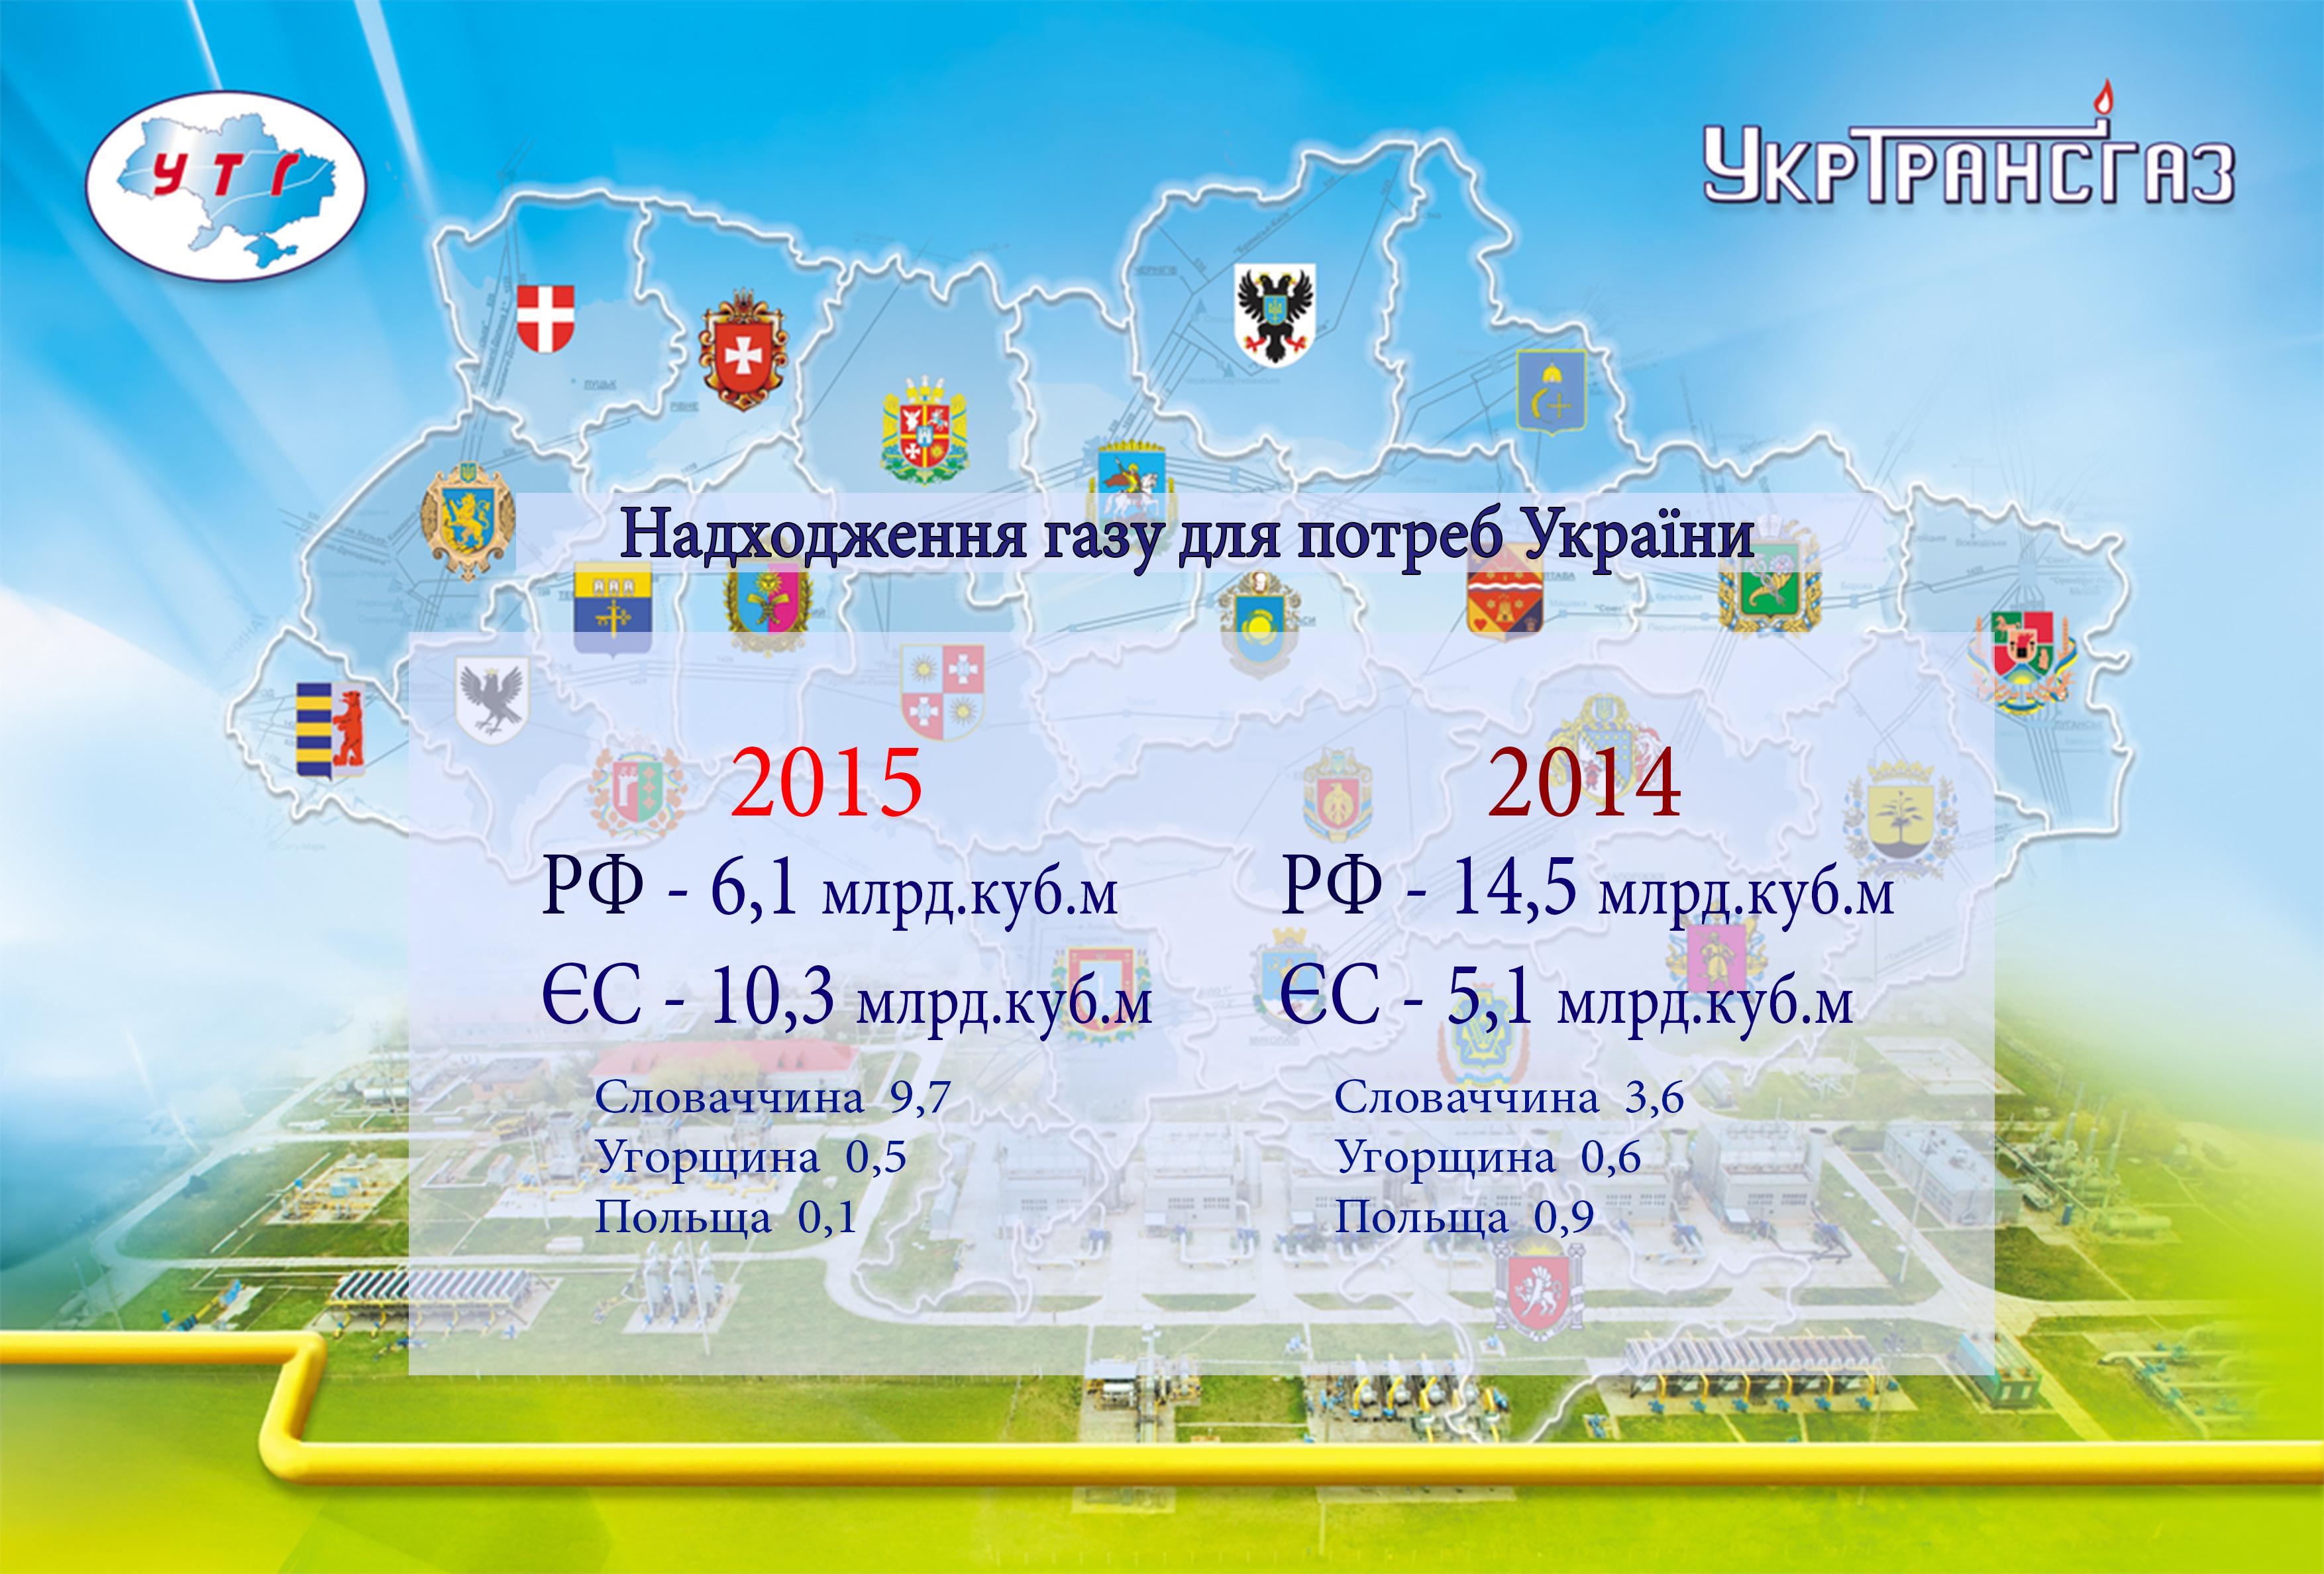 2015 nahmen die Gasimporte Ukraine aus Europa stark zu.